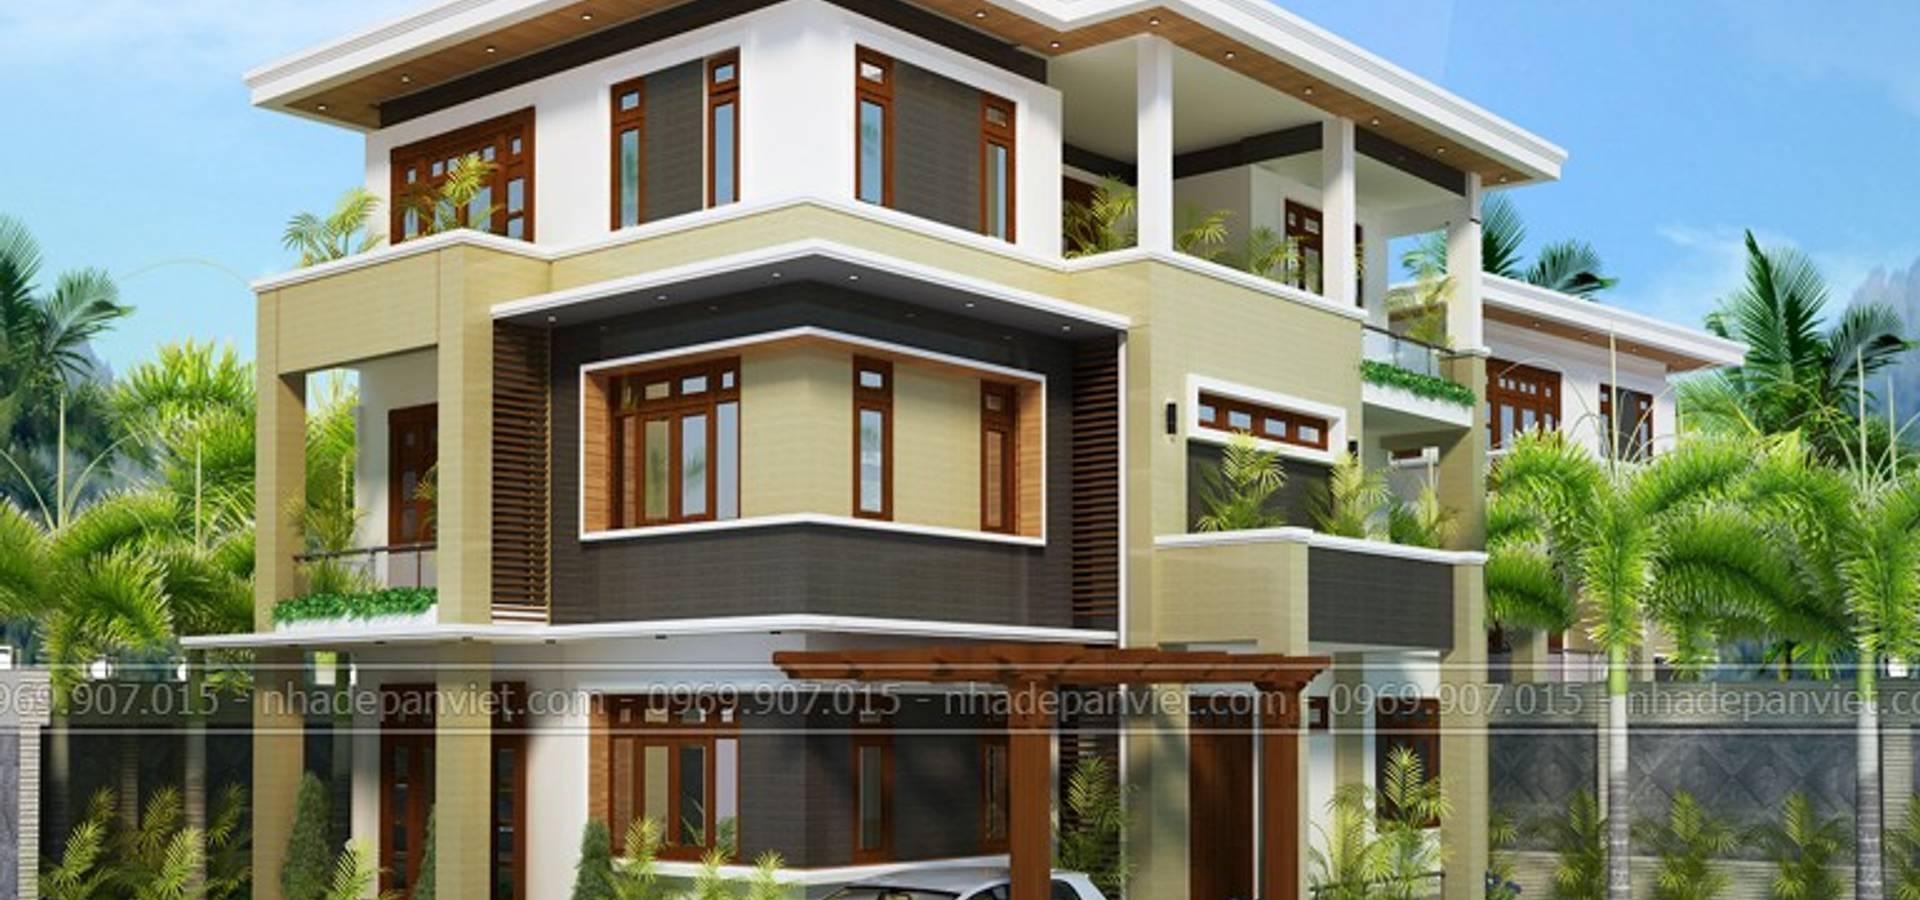 An Viet Architect